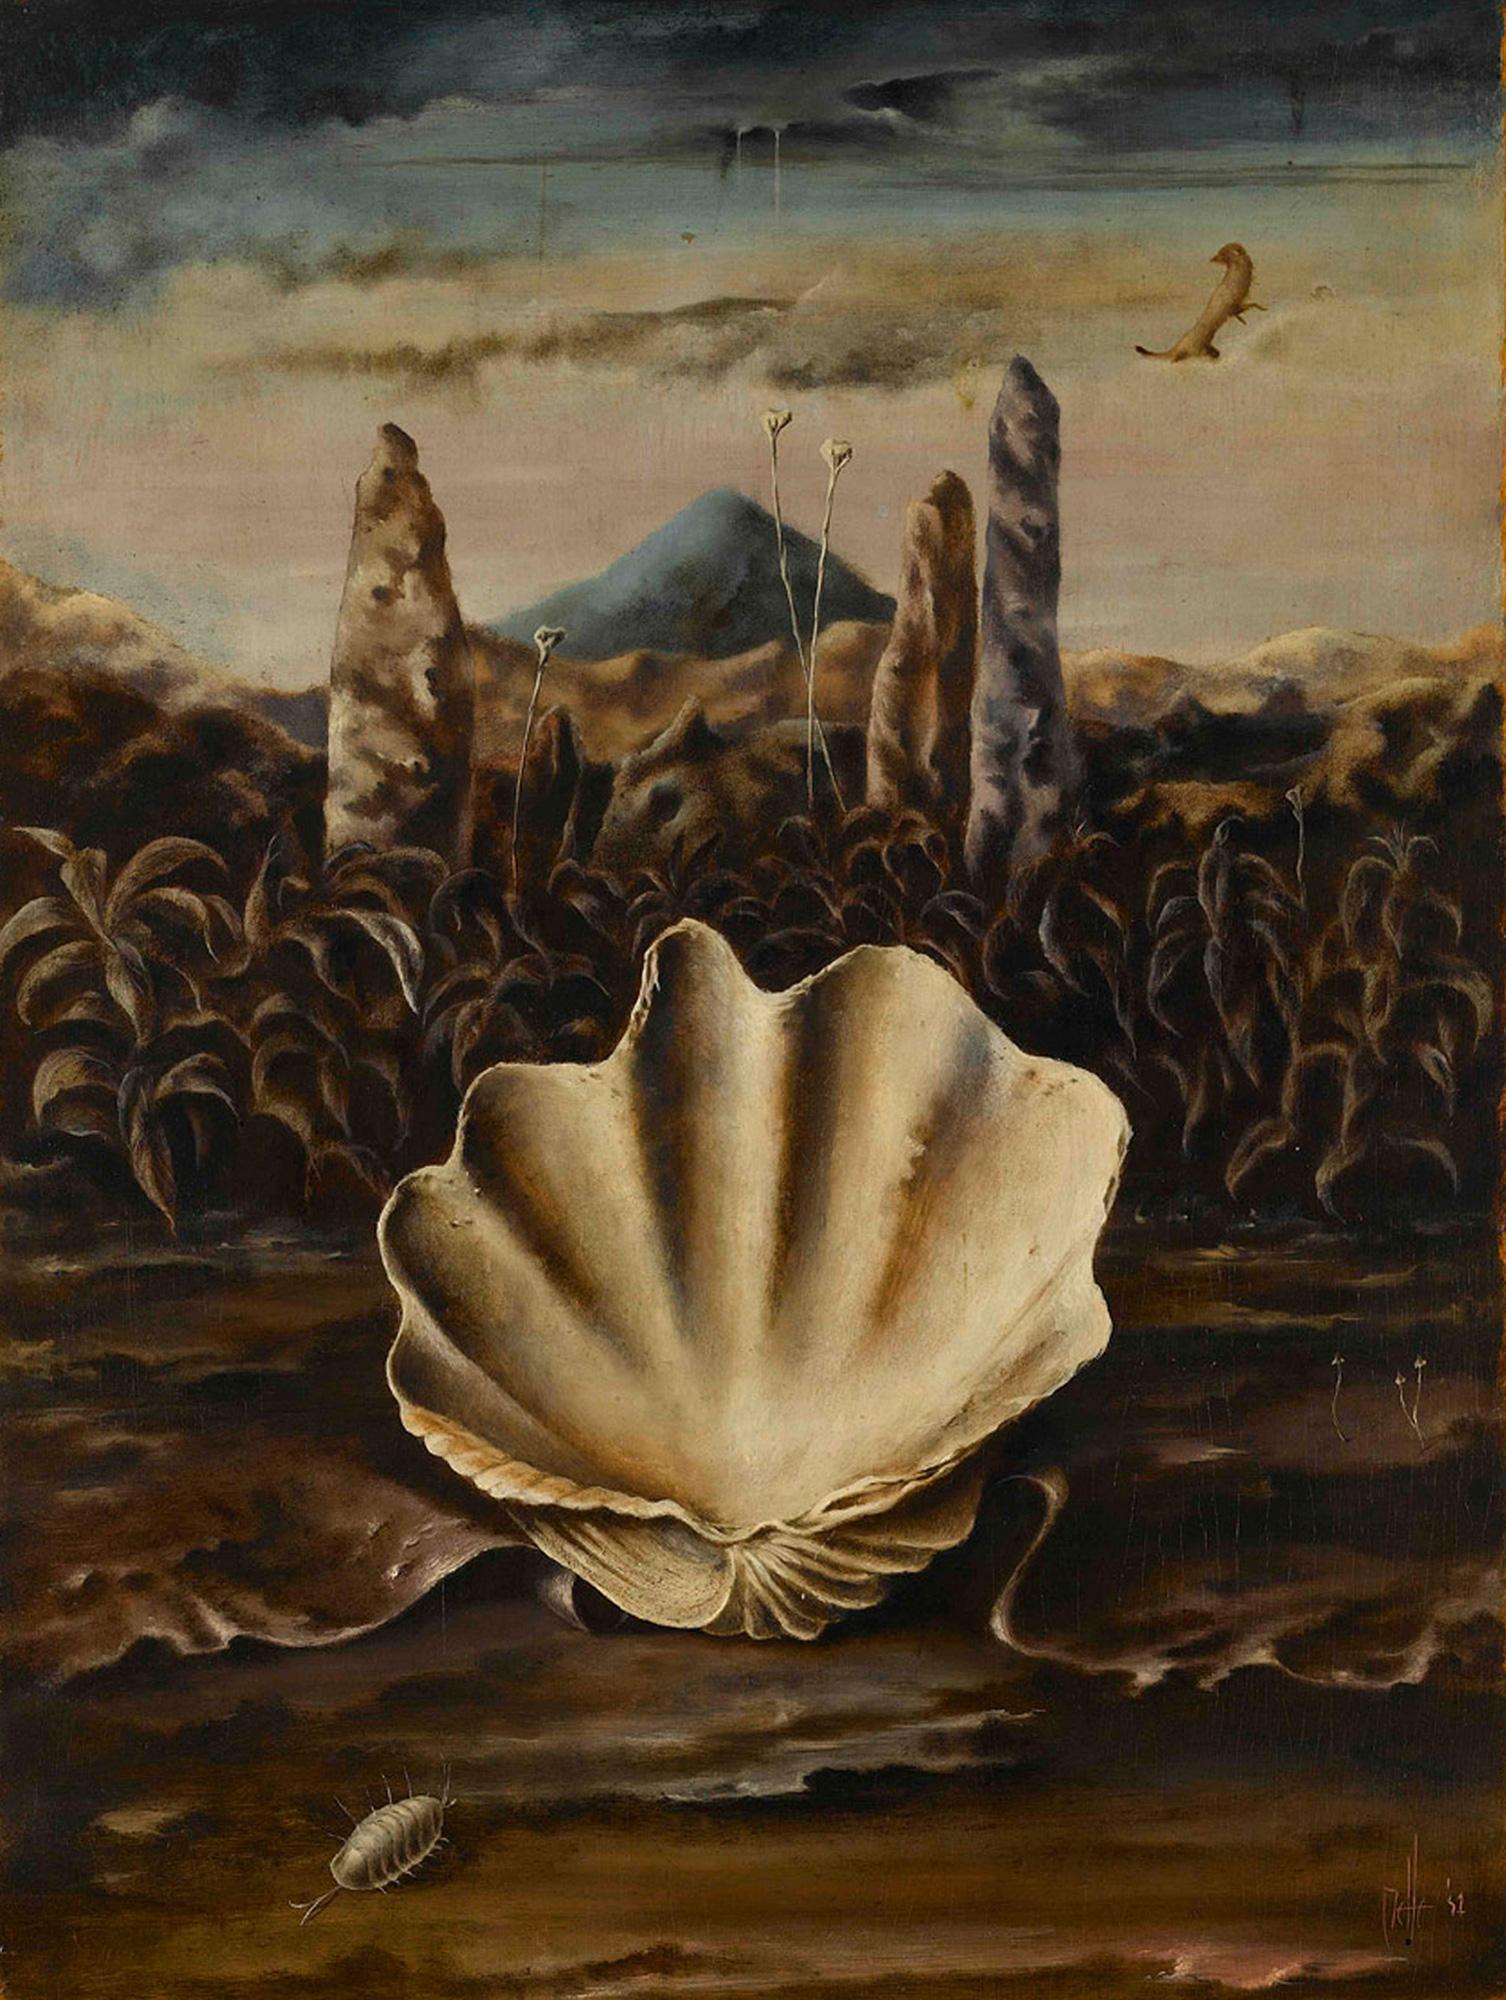 Melle schilder | Landschap met schelp, olieverf op paneel